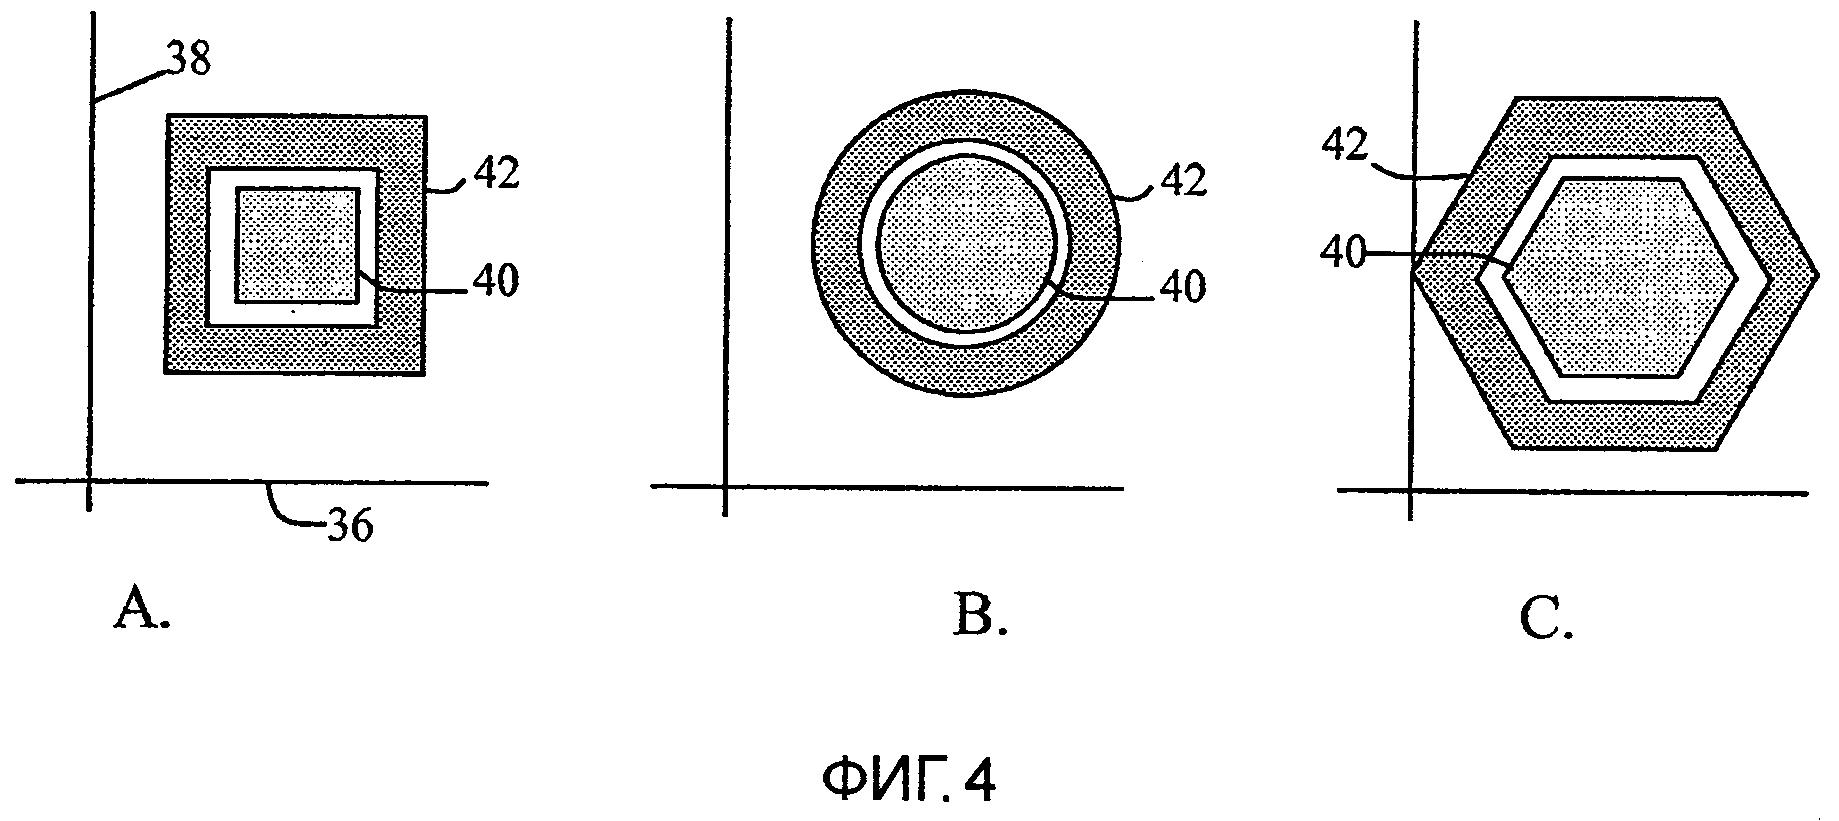 Автостереоскопическое устройство отображения, имеющее оптическое увеличение